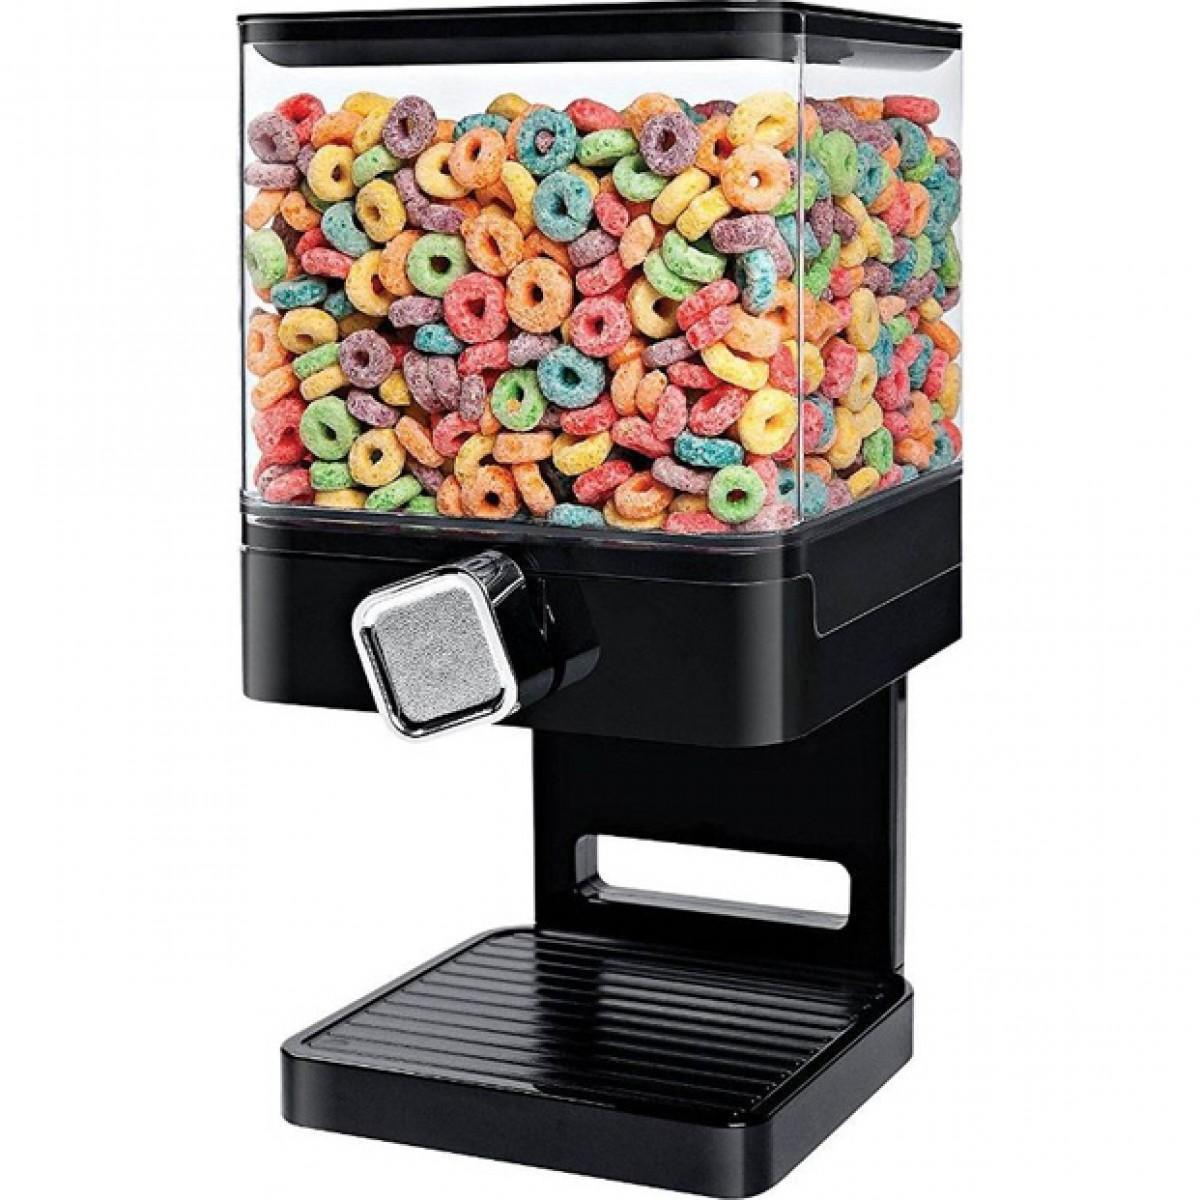 Διανεμητής Δημητριακών GS-509 3,7L Μαύρο